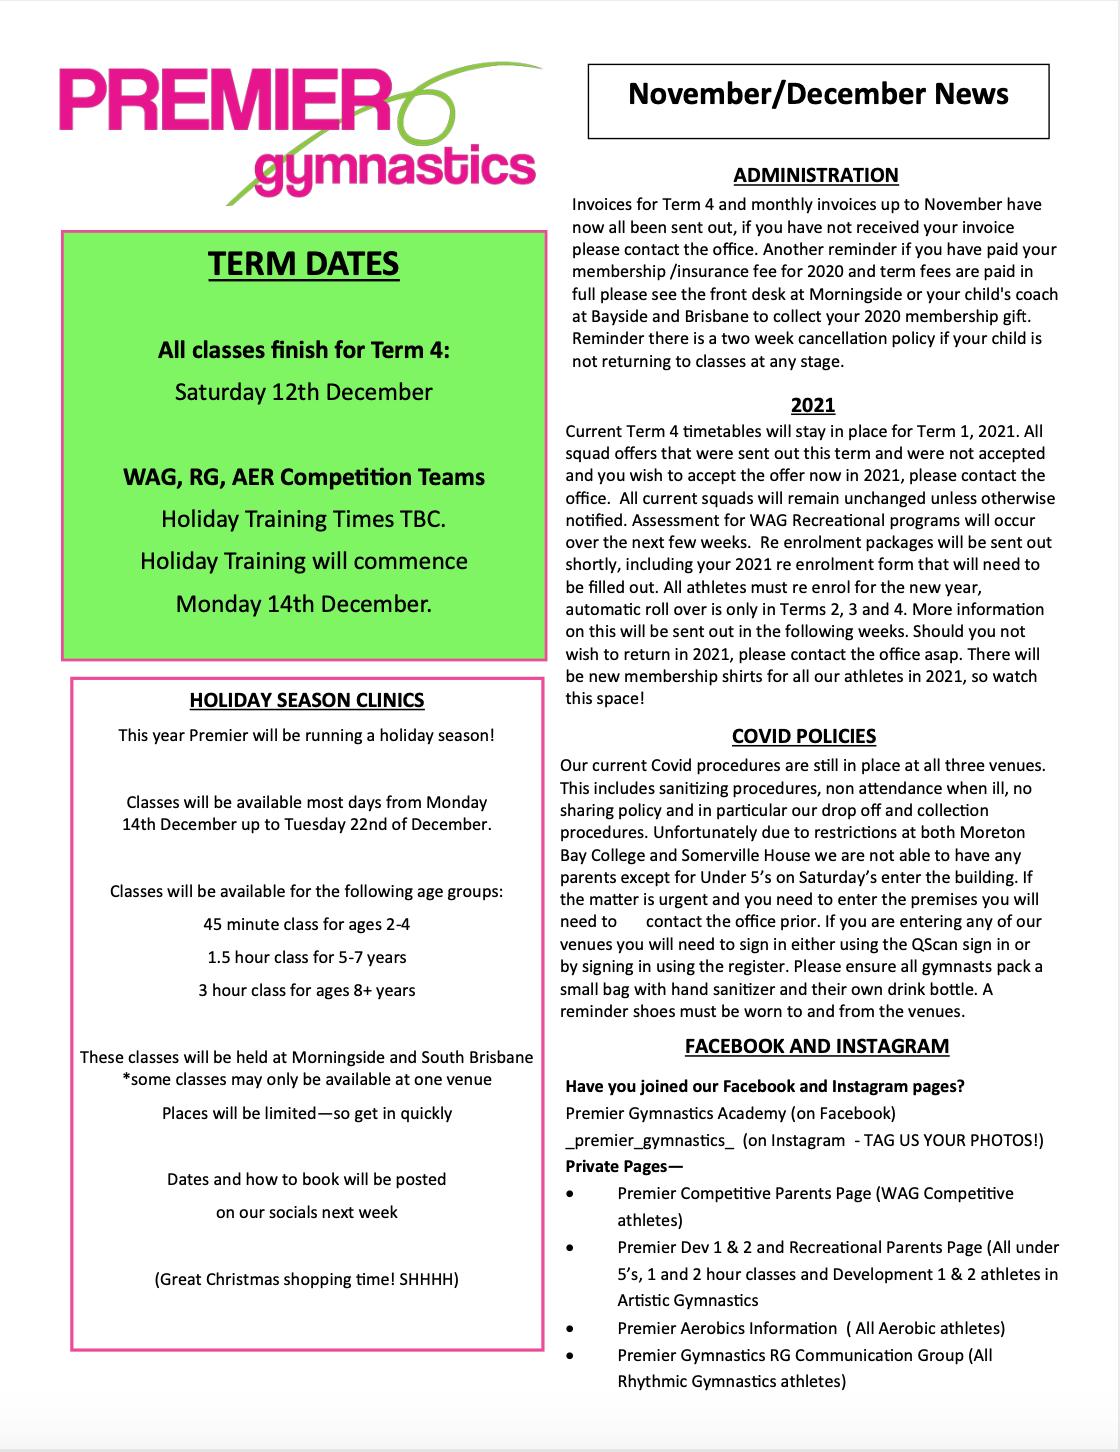 November/December 2020 Newsletter